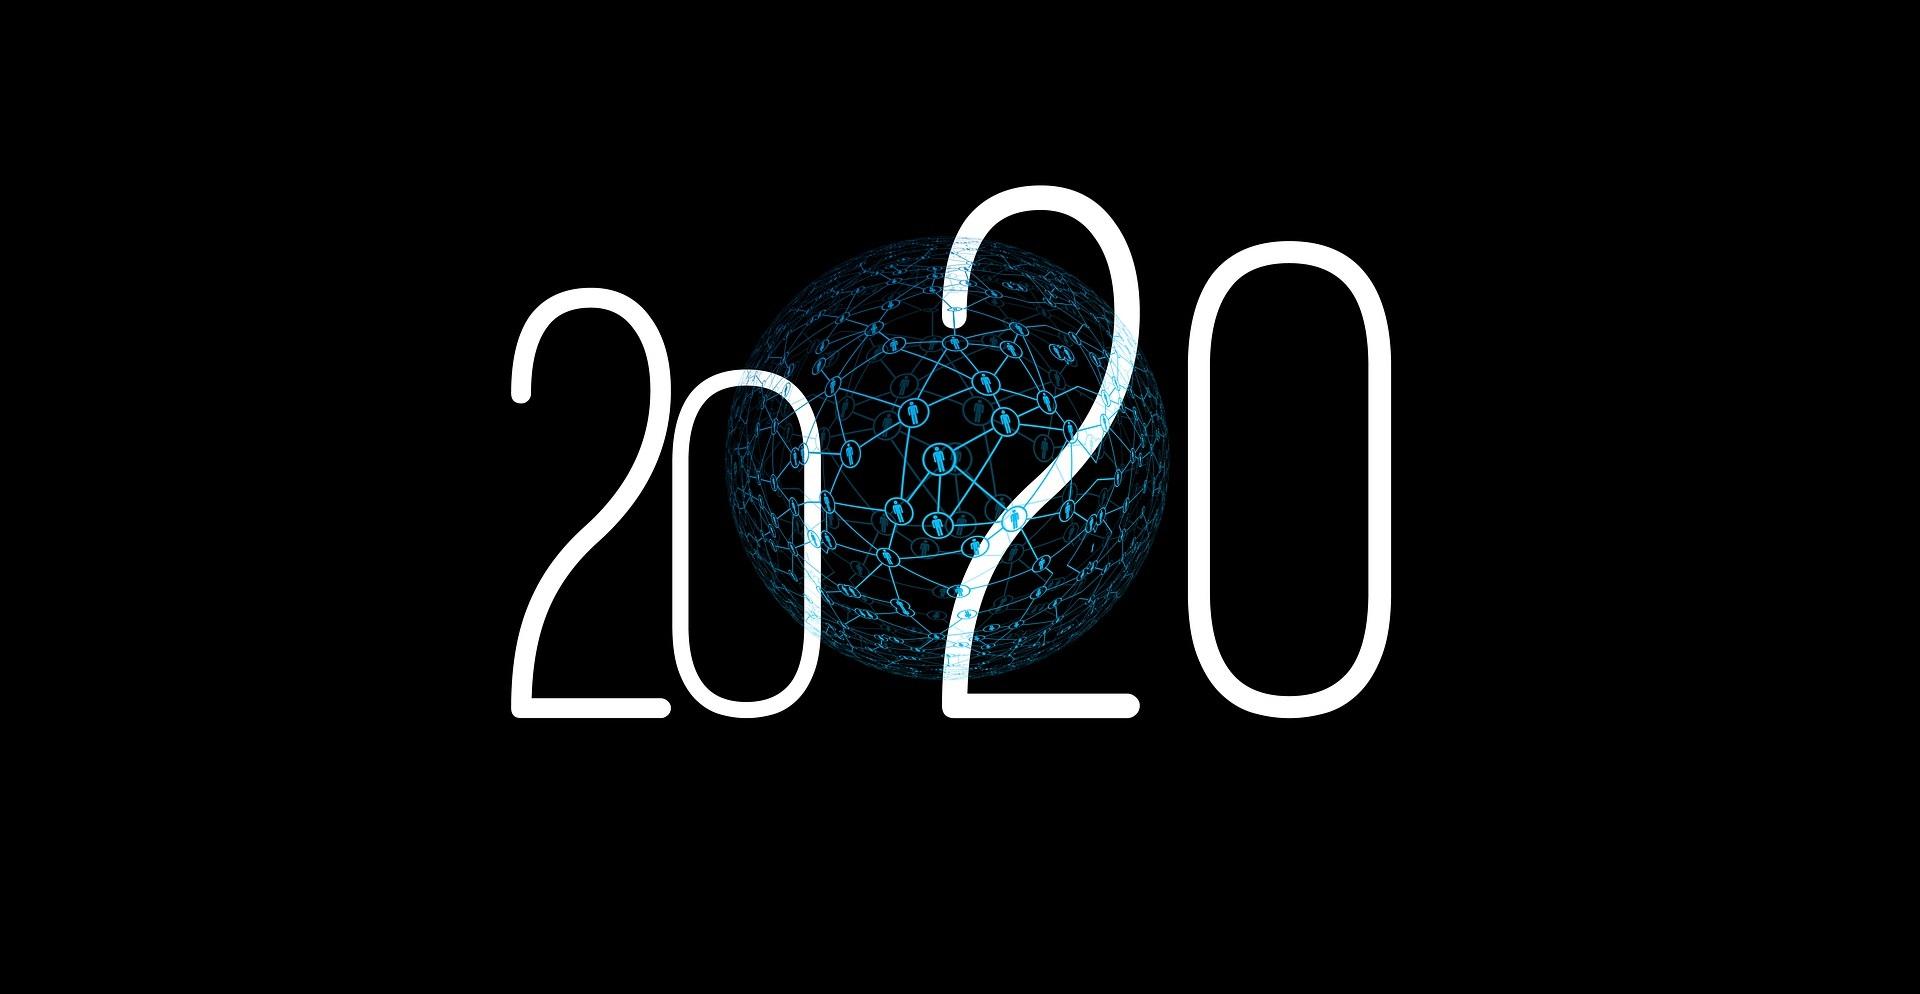 2020 أسوأ عامٍ في تاريخ البشرية